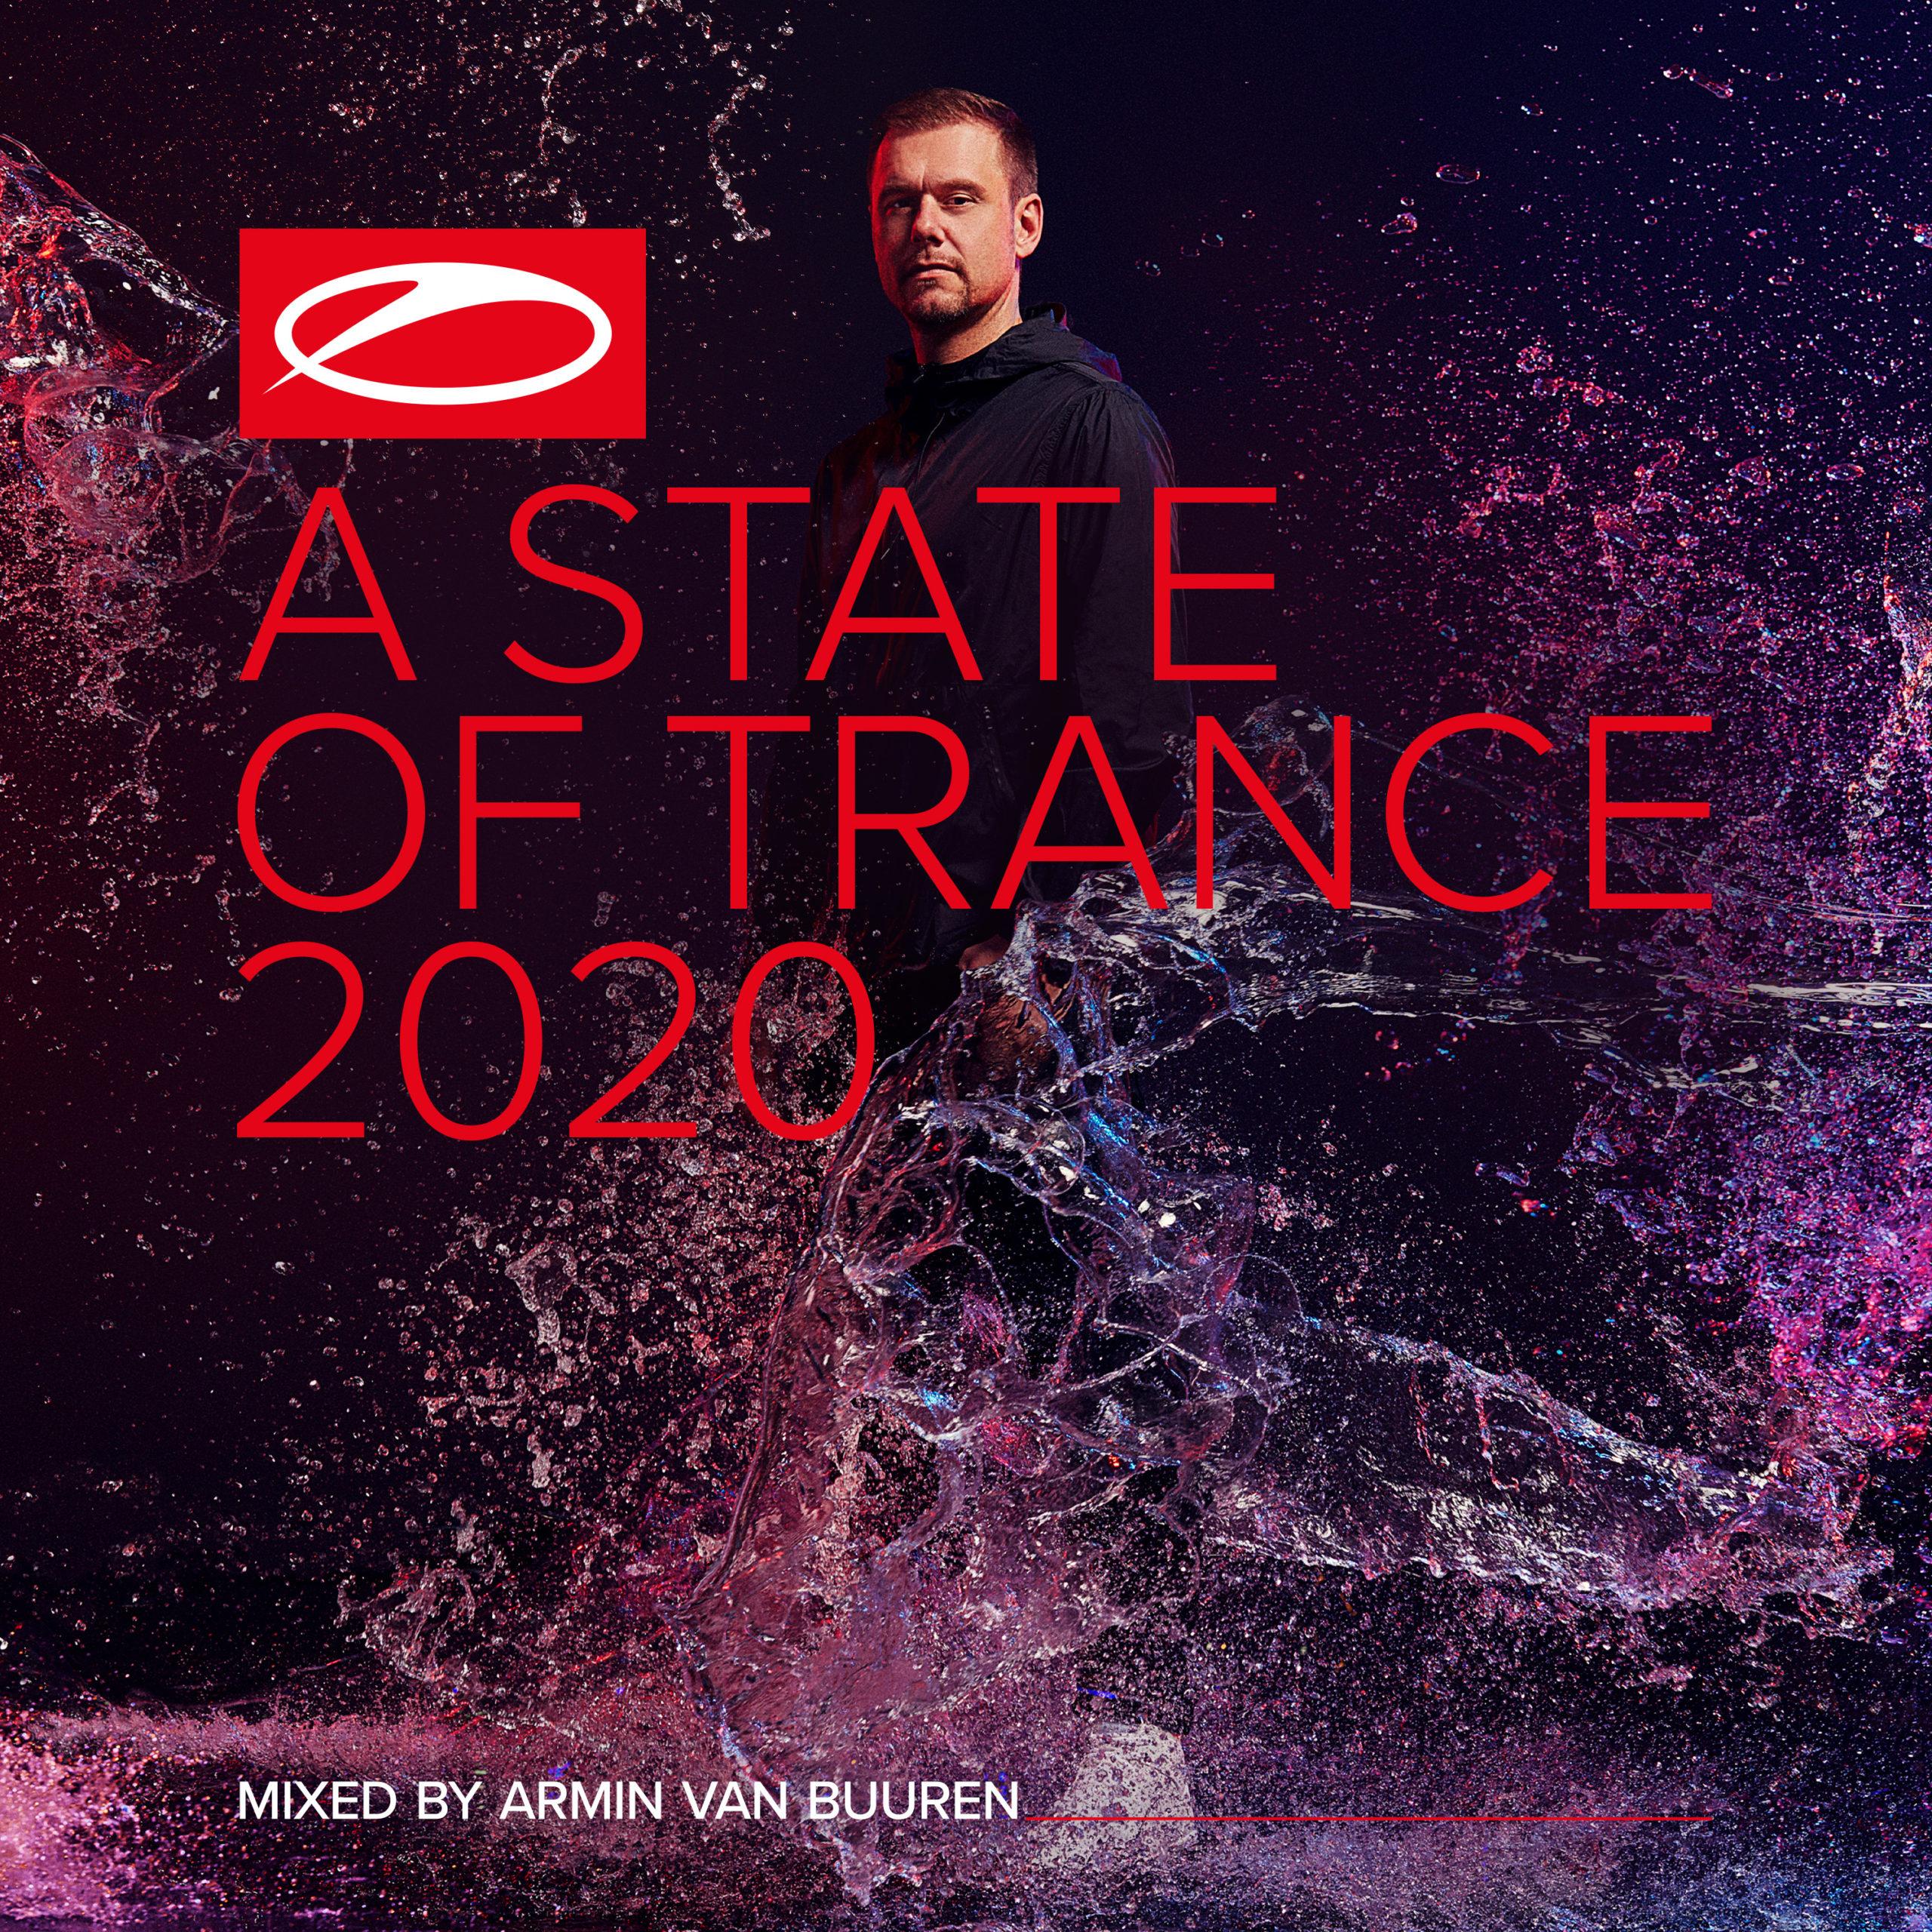 ARMIN VAN BUUREN SPARKS PRE-ORDER OF 'A STATE OF TRANCE 2020'